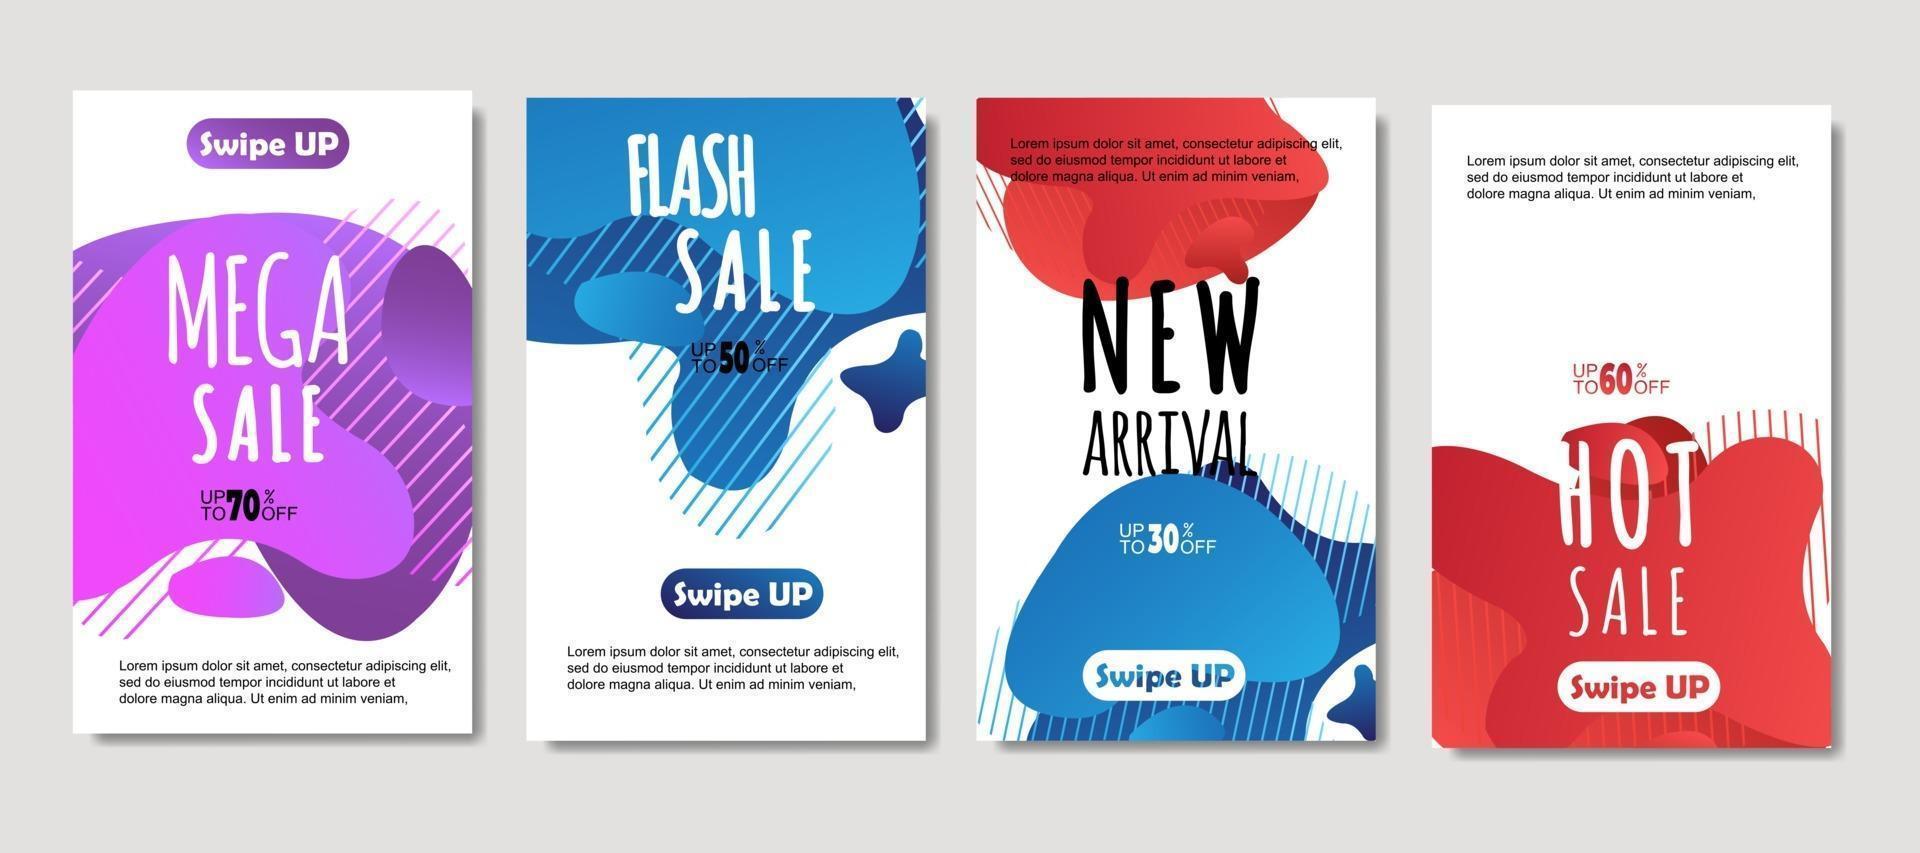 dynamische abstracte vloeibare mobiel voor verkoopbanners. verkoop banner sjabloonontwerp, mega sale speciale aanbieding set, ontwerp voor flyer, cadeaubon, poster aan de muur, omslagboek, banner, sociale media vector